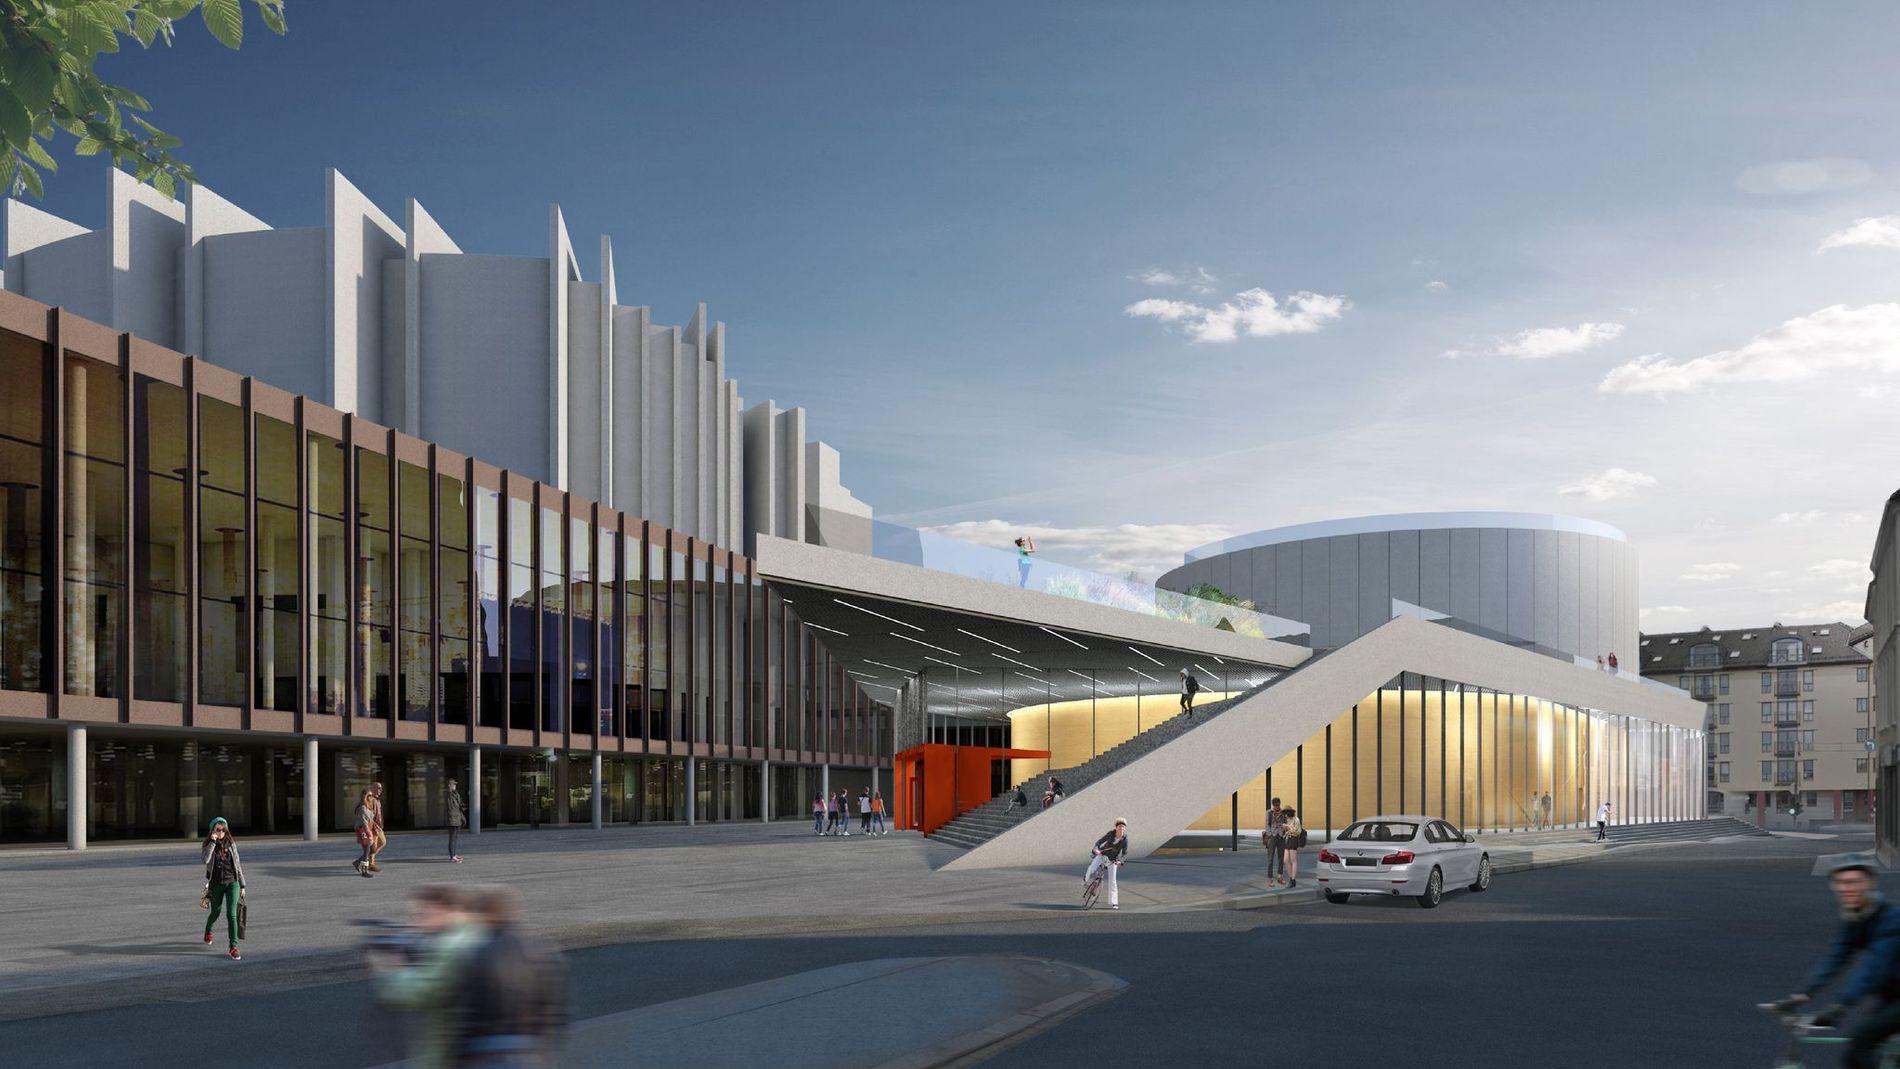 STORE PLANER: Med lanseringen av planene om et nytt operabygg, er tiden nå inne for samtidig å tenke frem en reell samordning av de to operavirksomhetene, skriver Kristin Knudsen, styreleder i Opera Bergen.